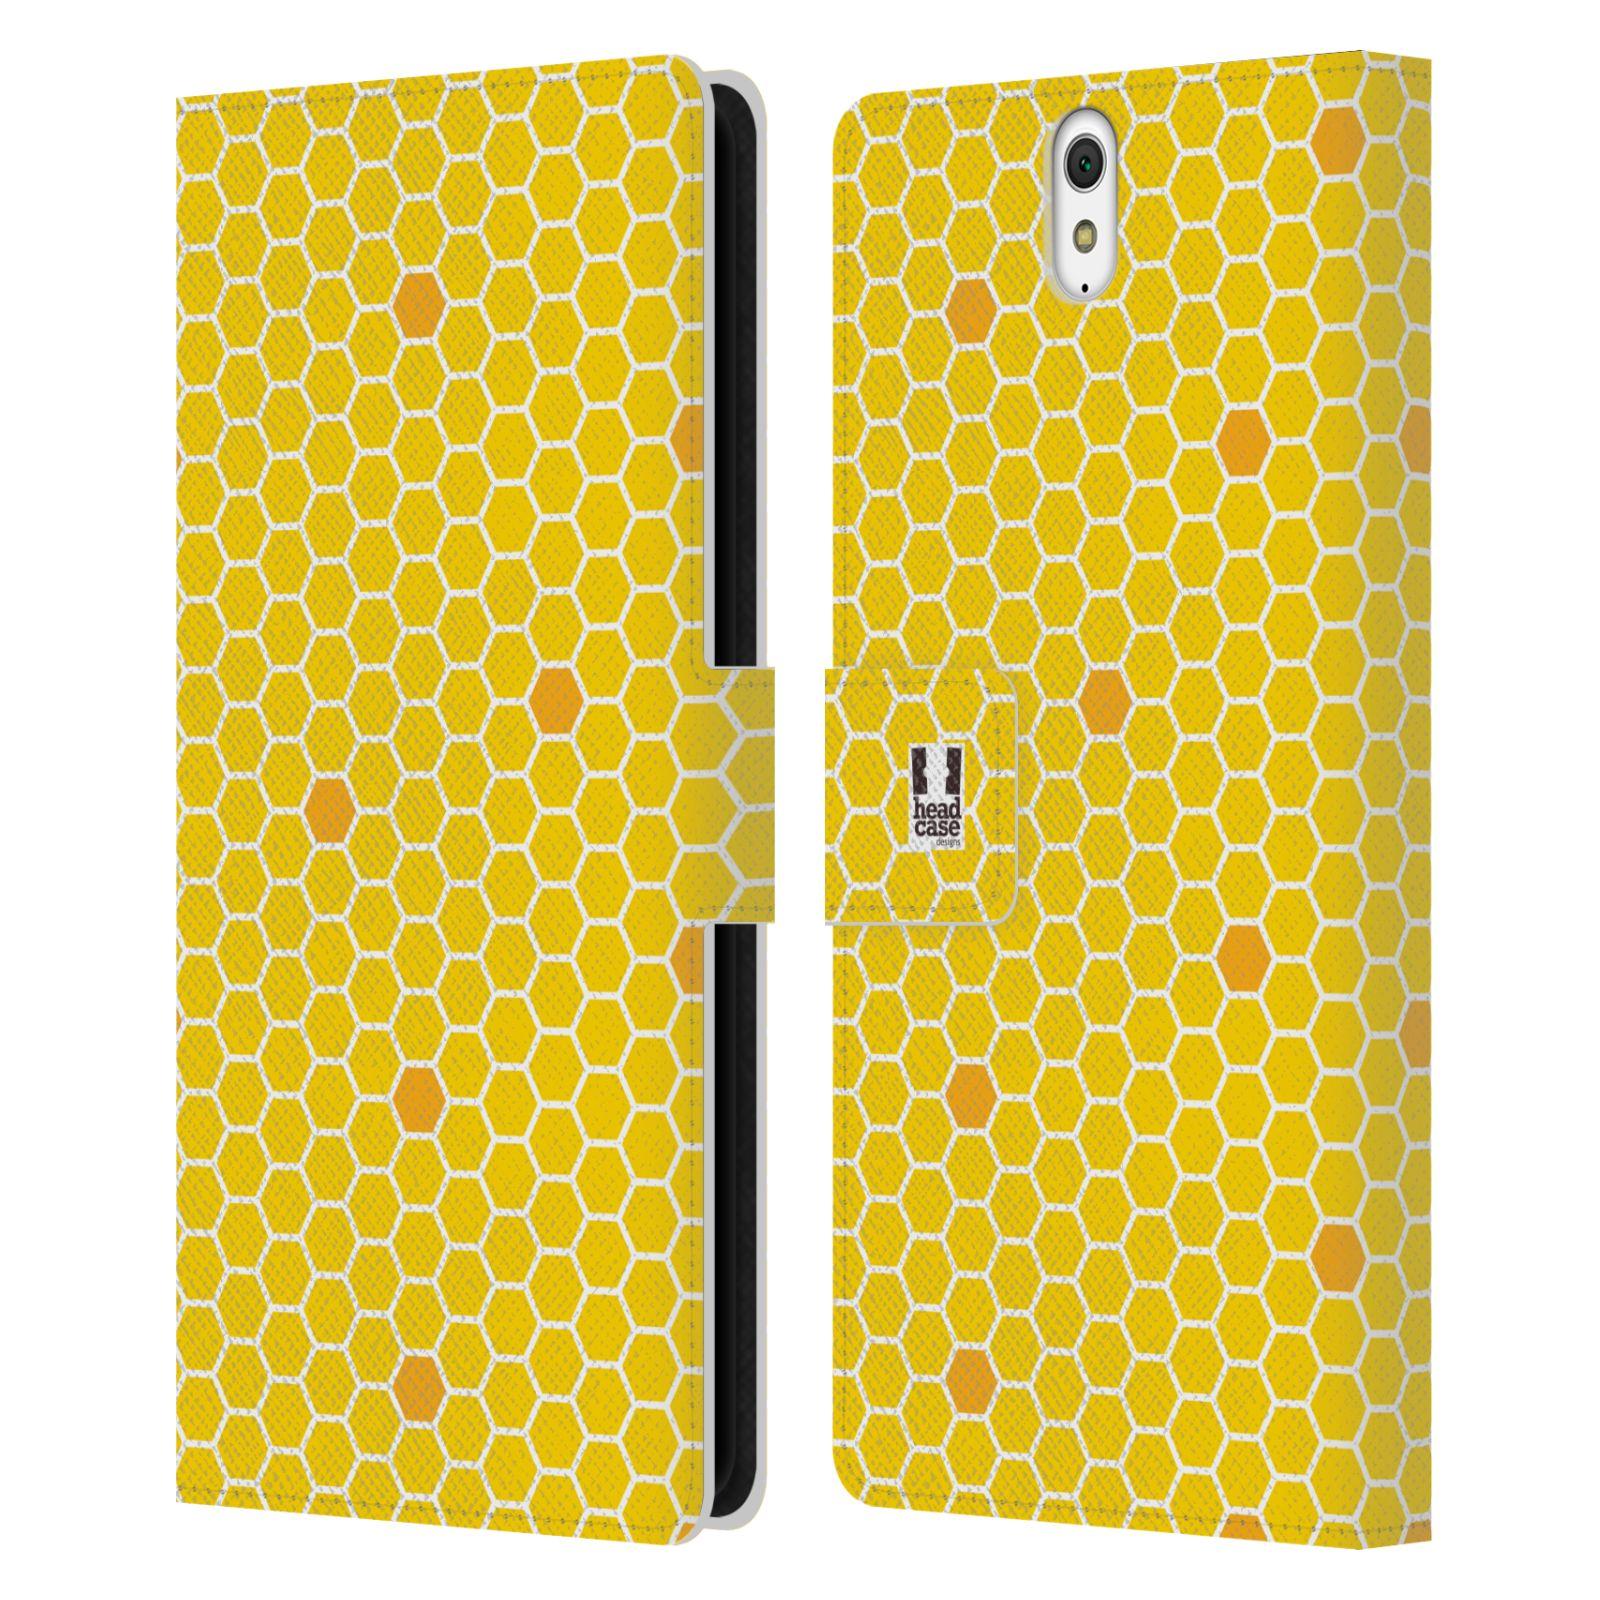 HEAD CASE Flipové pouzdro pro mobil SONY XPERIA C5 Ultra VČELÍ VZOR plástev žlutá